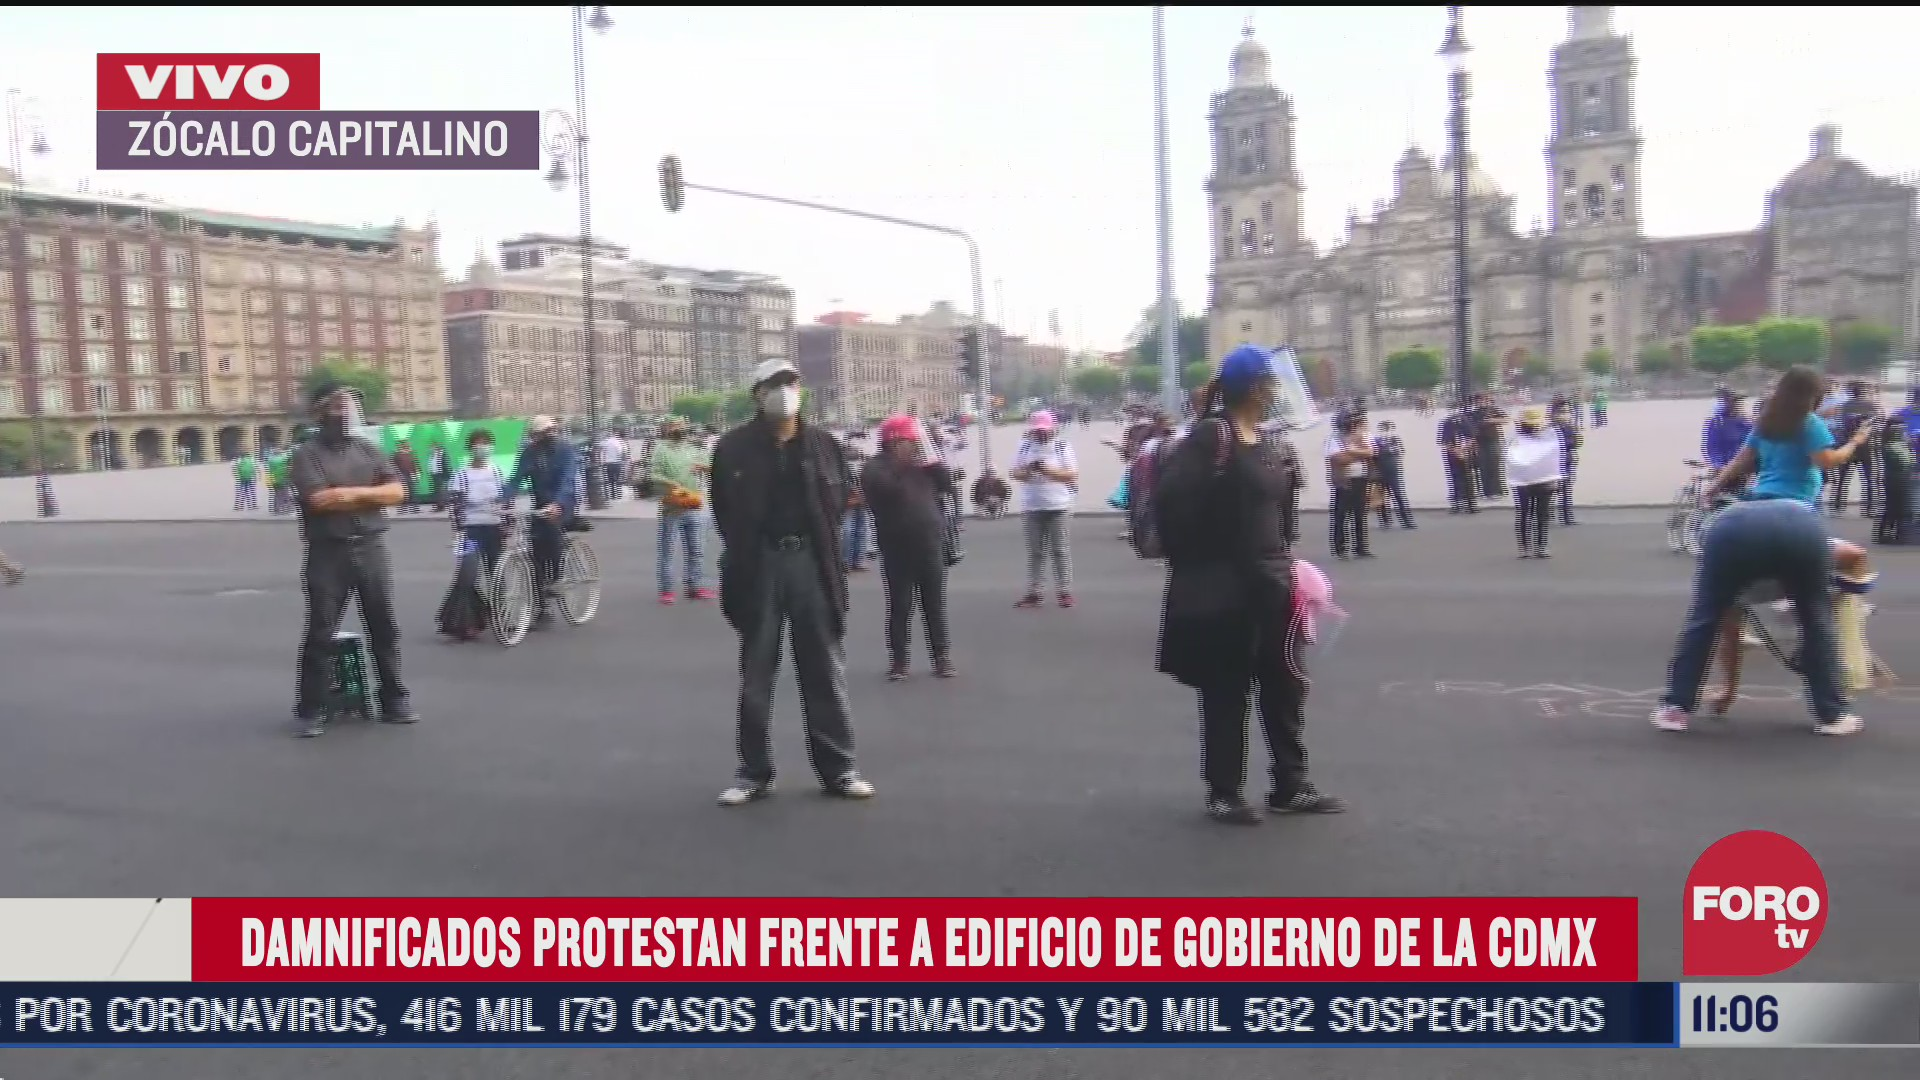 damnificados protestan frente al edificio de gobierno de la cdmx